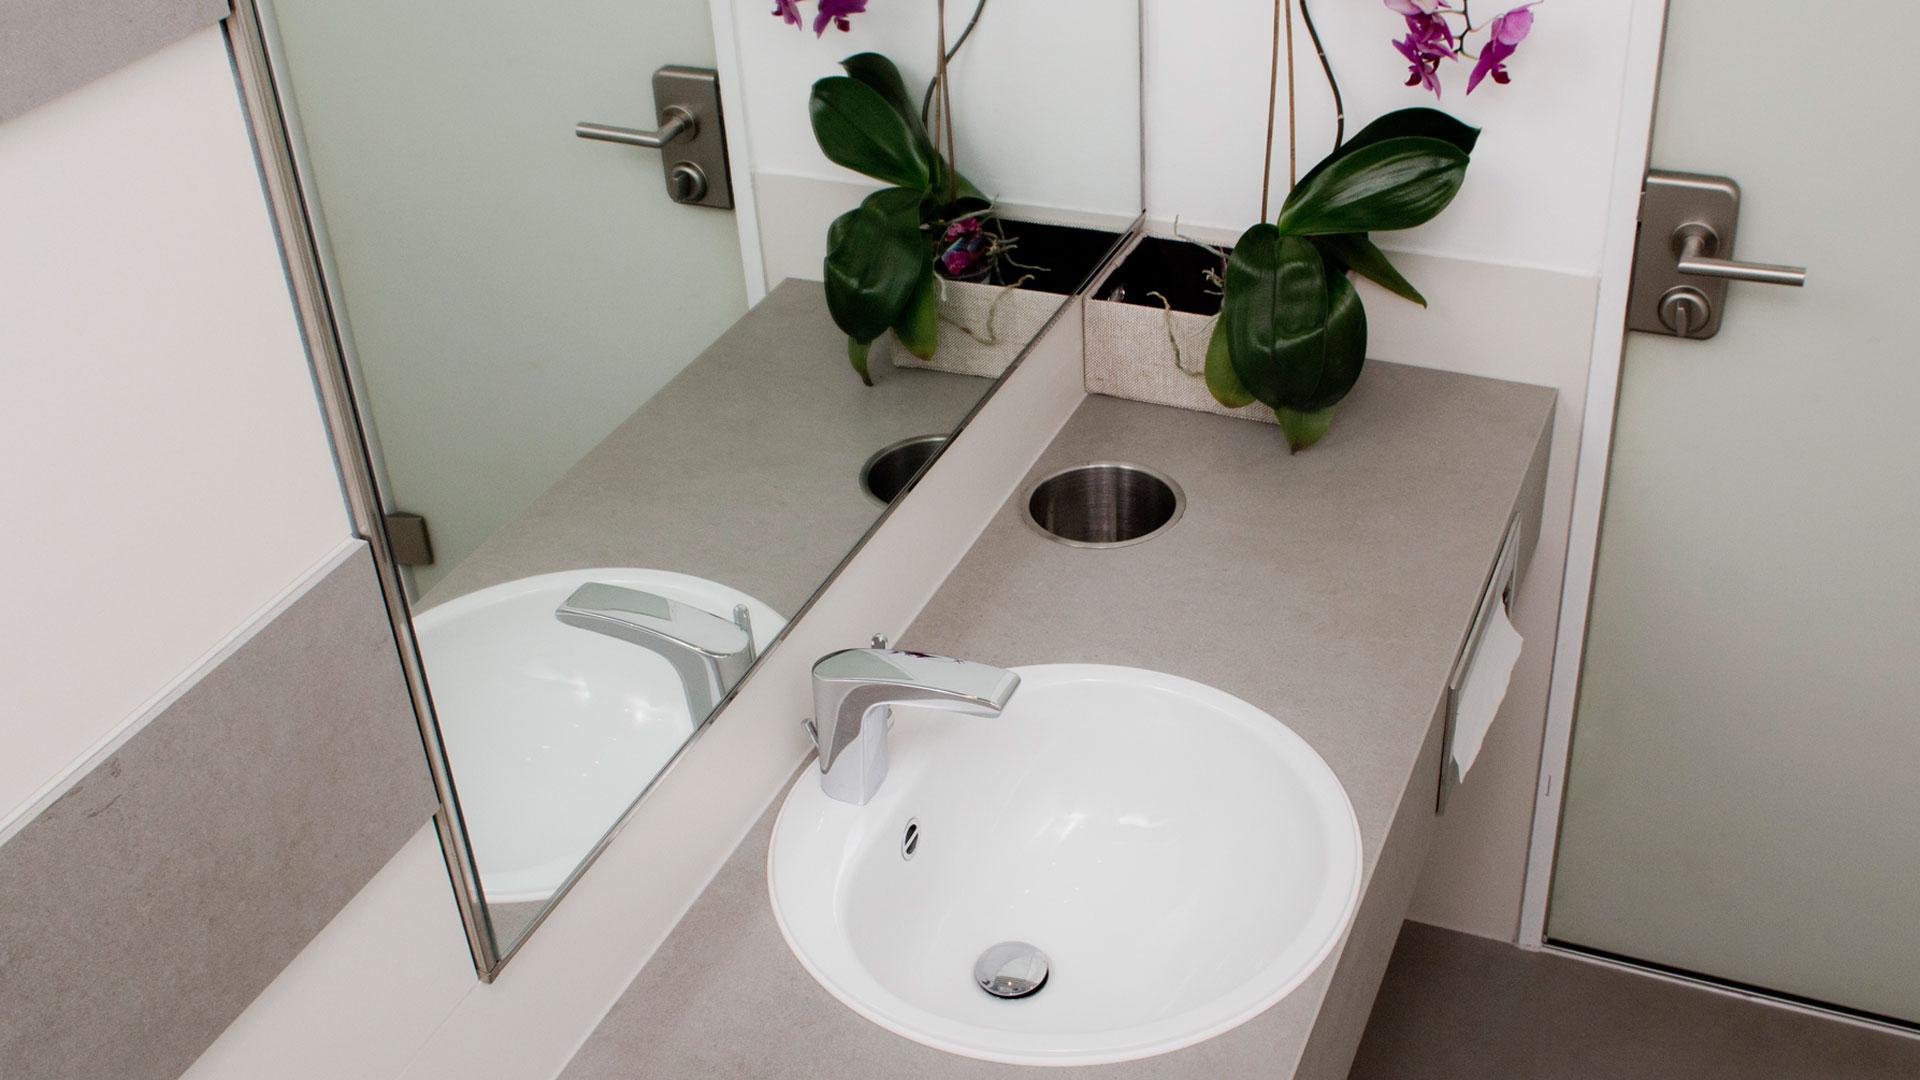 Maßangefertigter Waschtisch aus VidroStone mit Edelstahlöffnung für Papierkorb